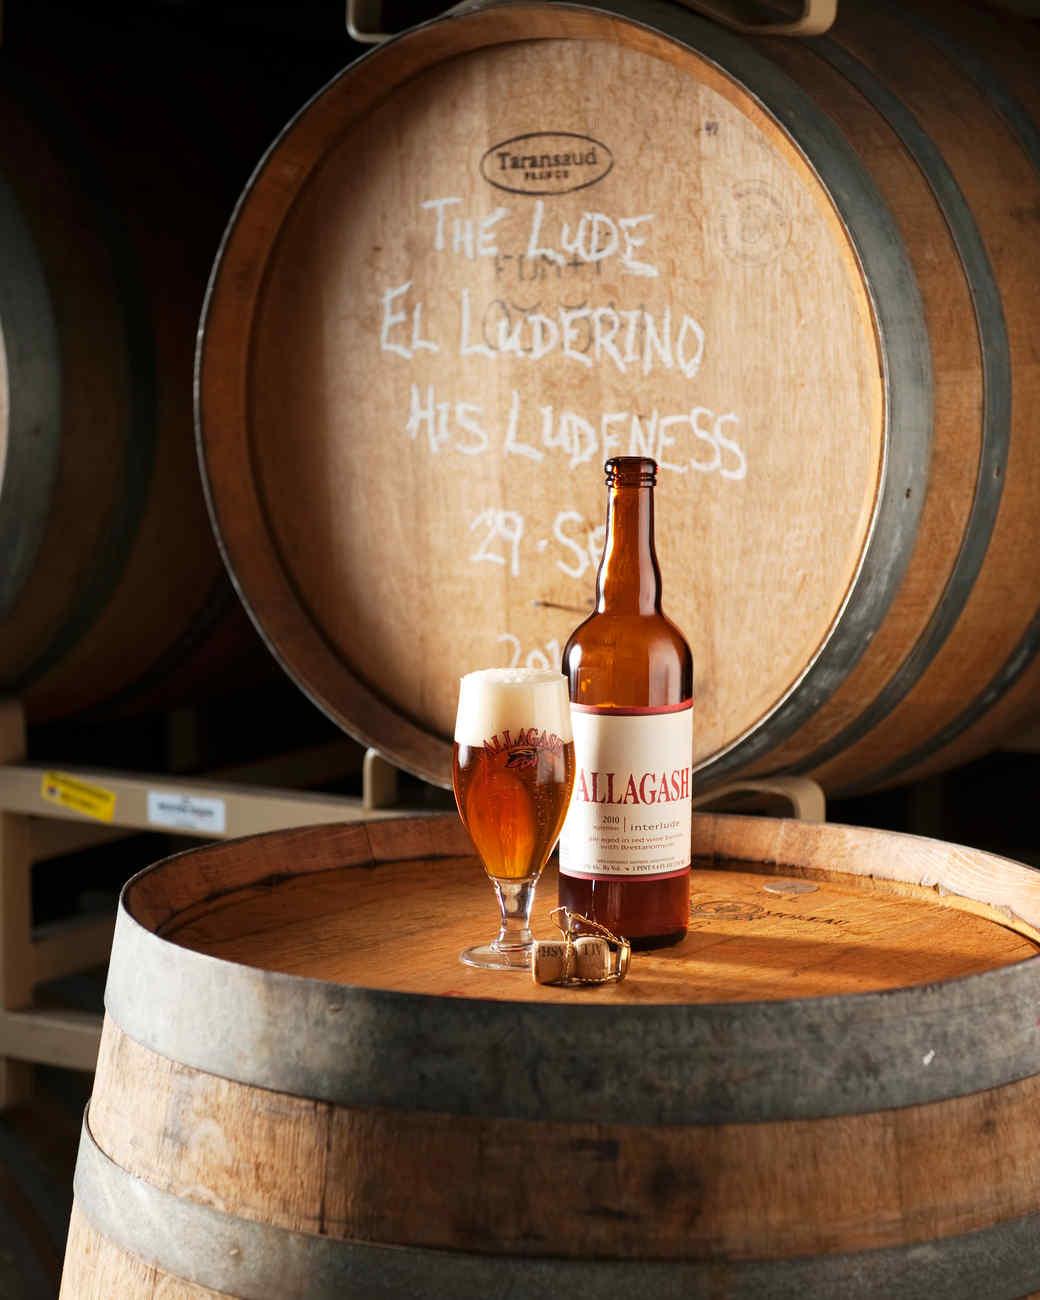 sour-beer-allagash-barrel-1014.jpg